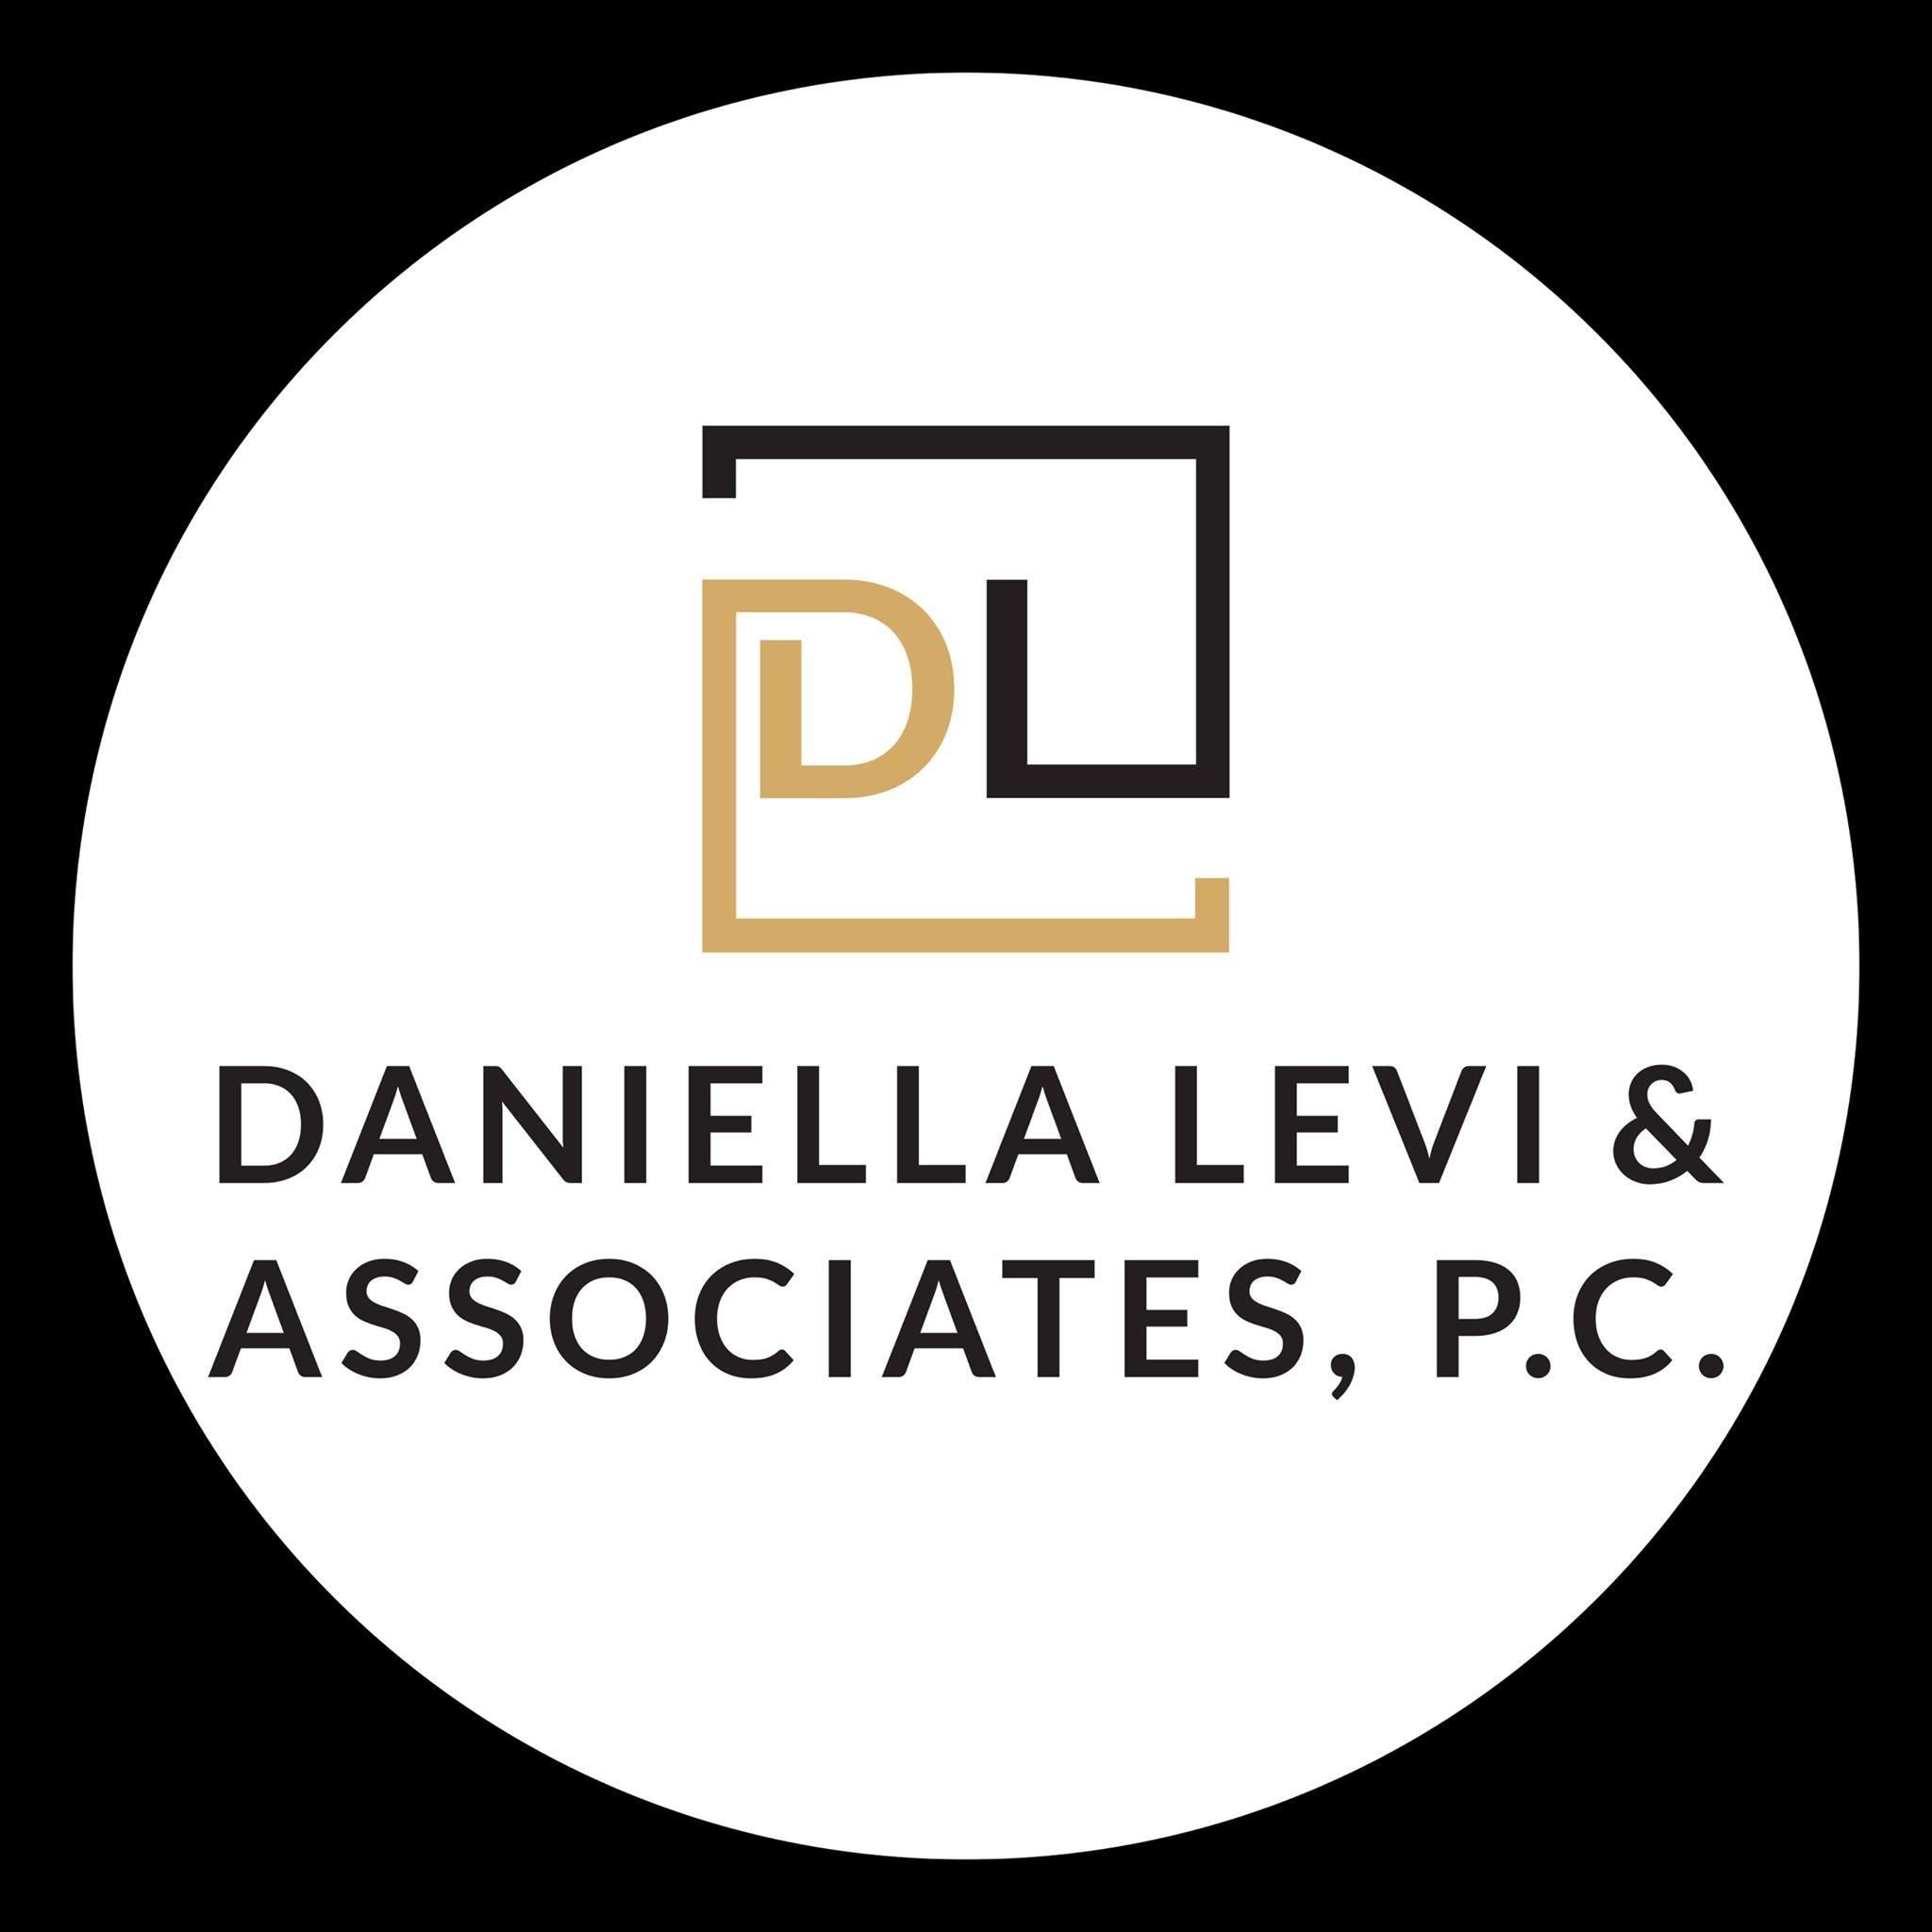 Daniella Levi & Associates, P.C. Profile Picture